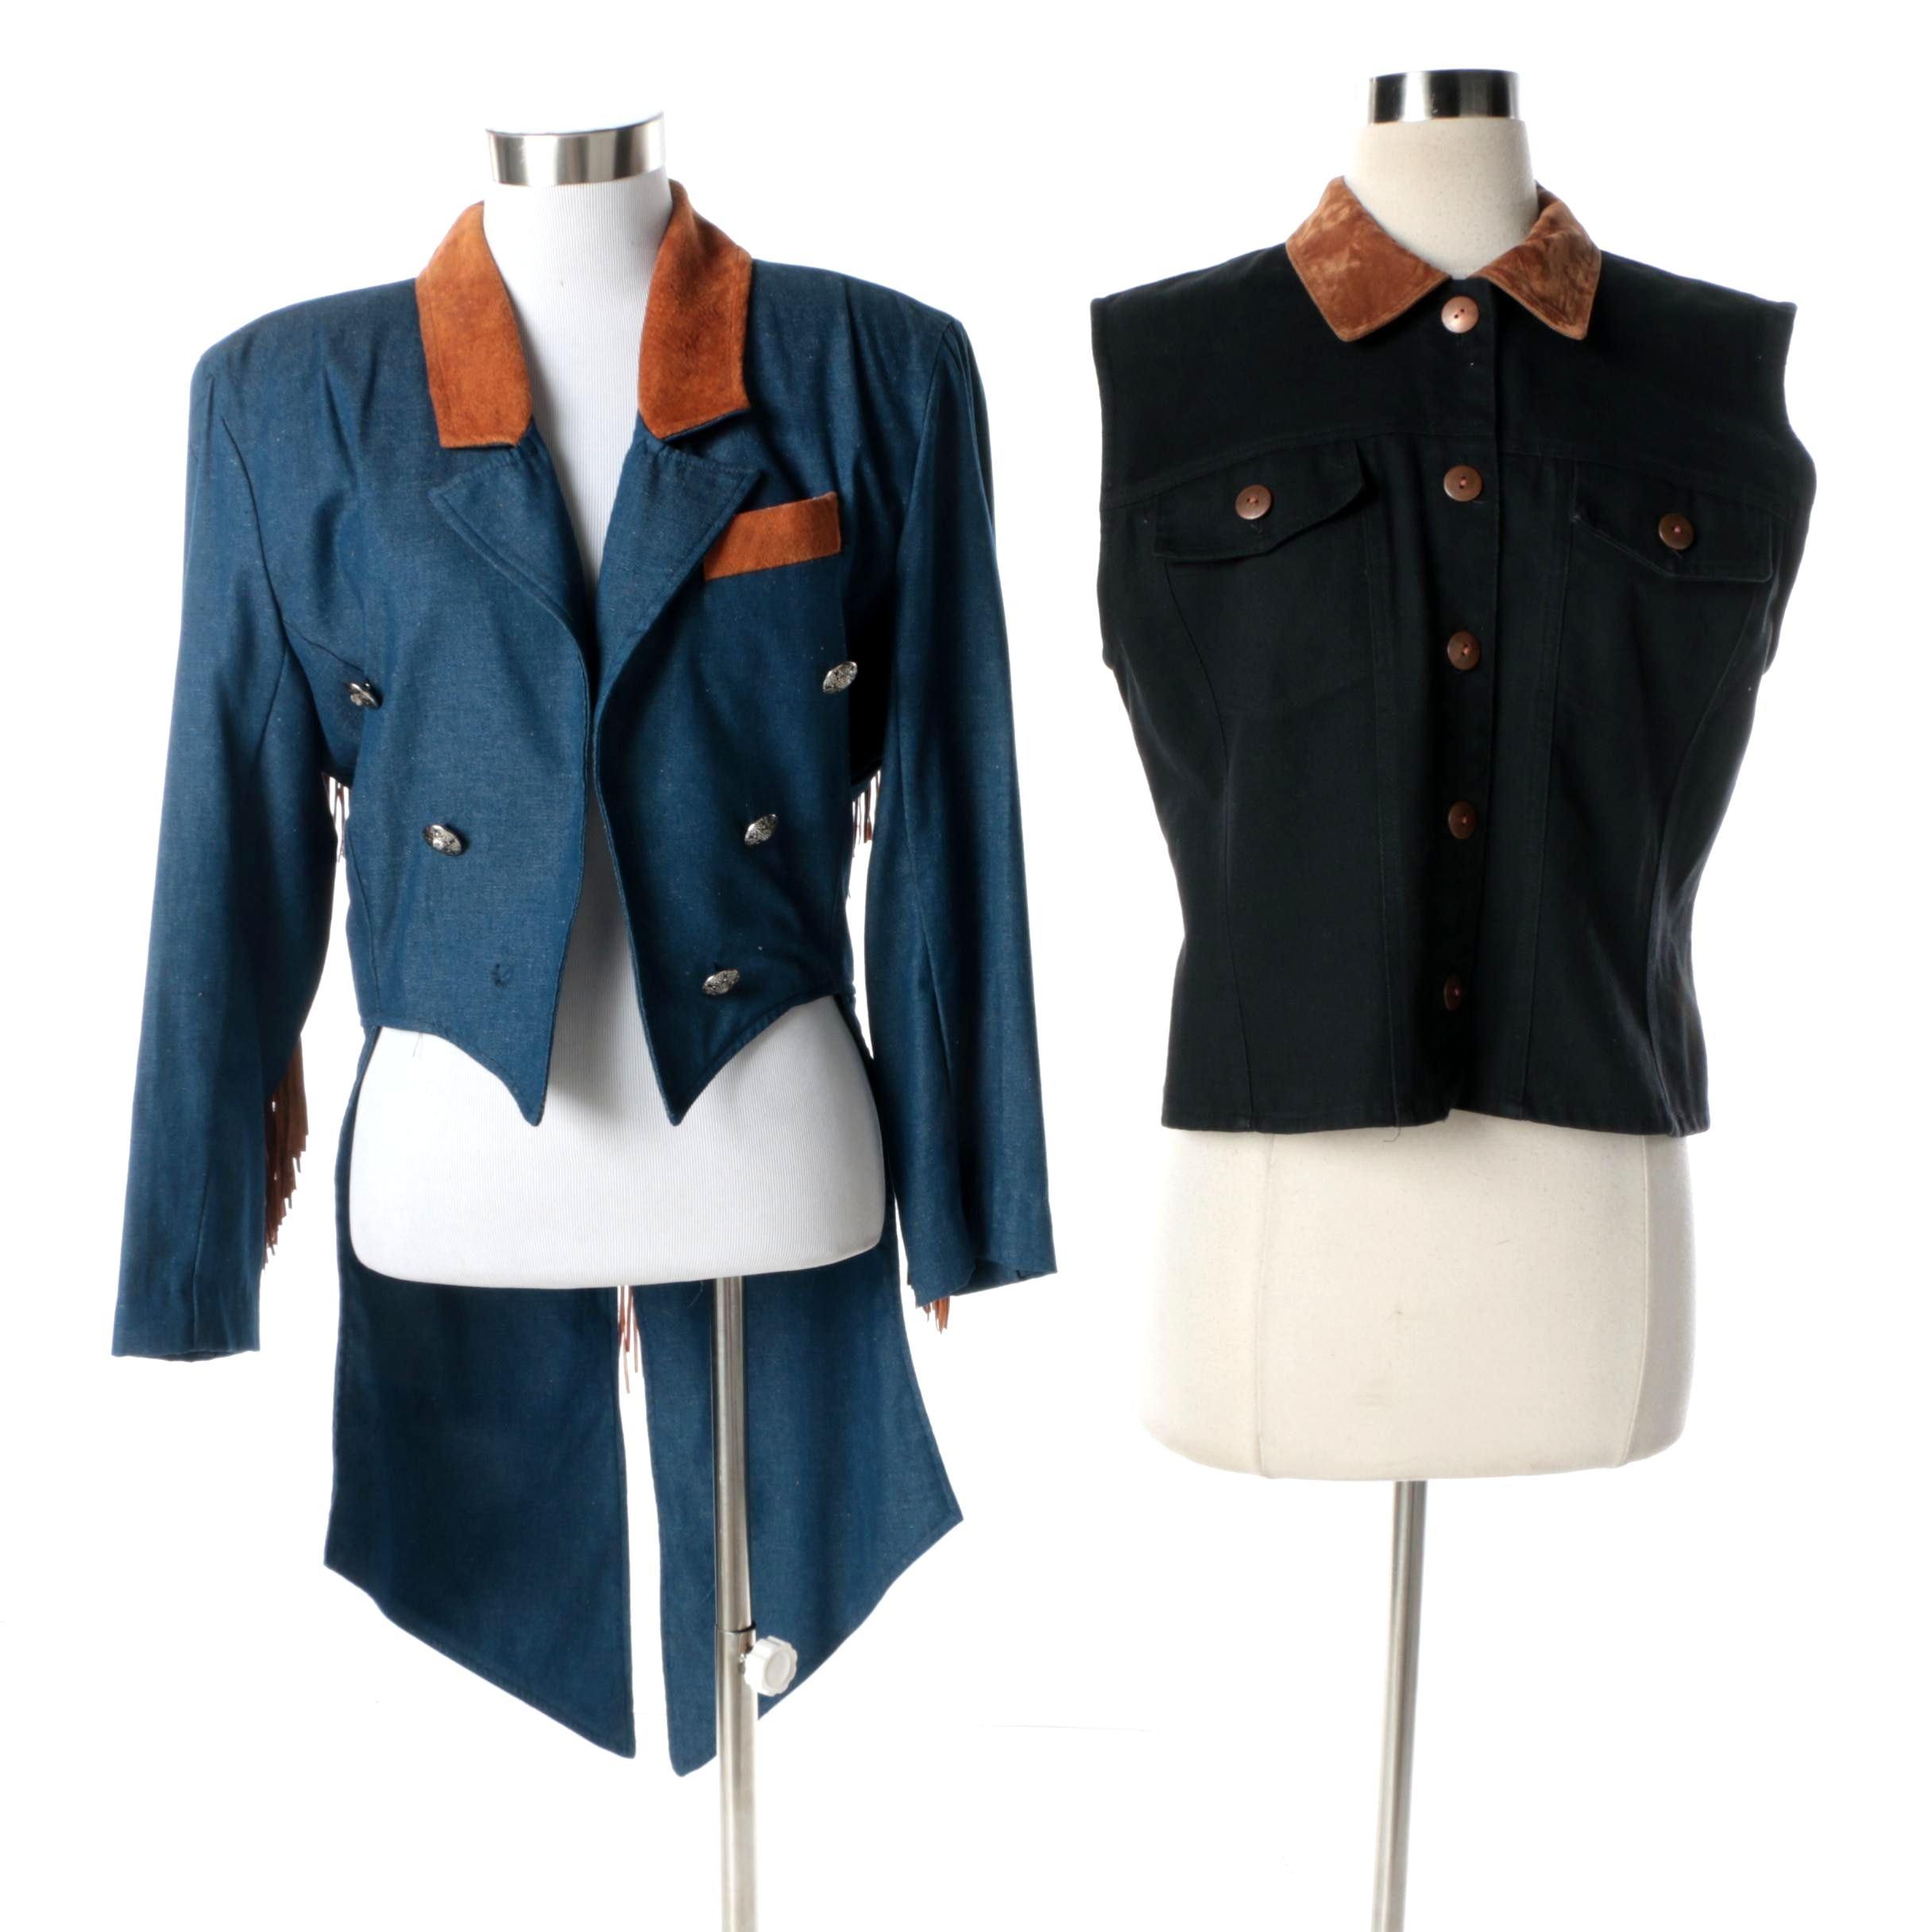 Vintage Liz & Parker Western Cutaway Fringed Jacket and Stonebridge Denim Vest